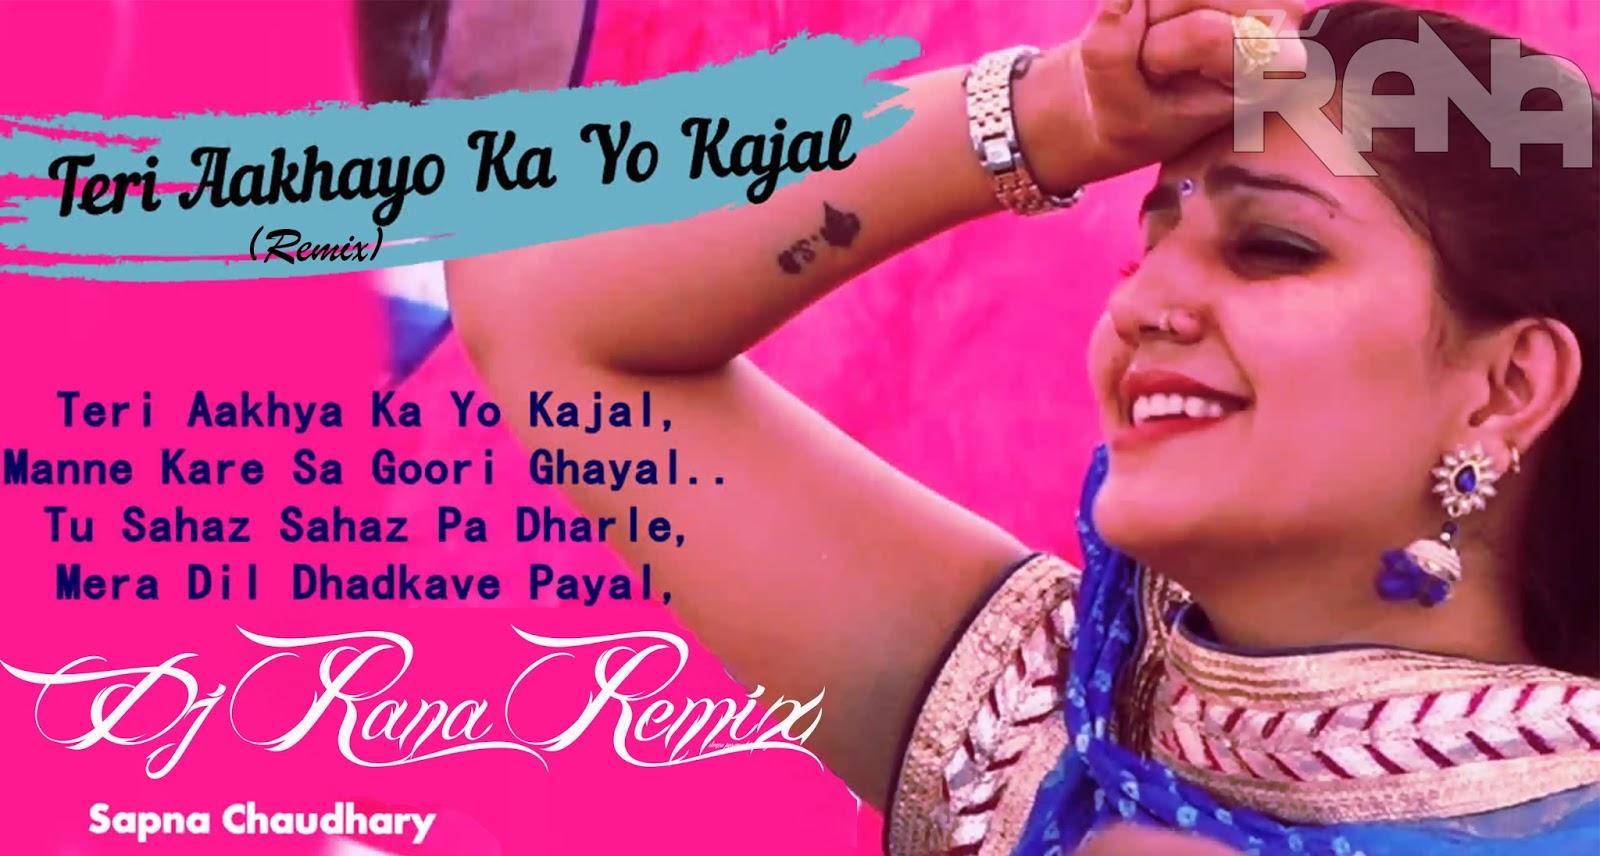 Teri aakhya ka yo kajal hard dj mp3 song download | Teri